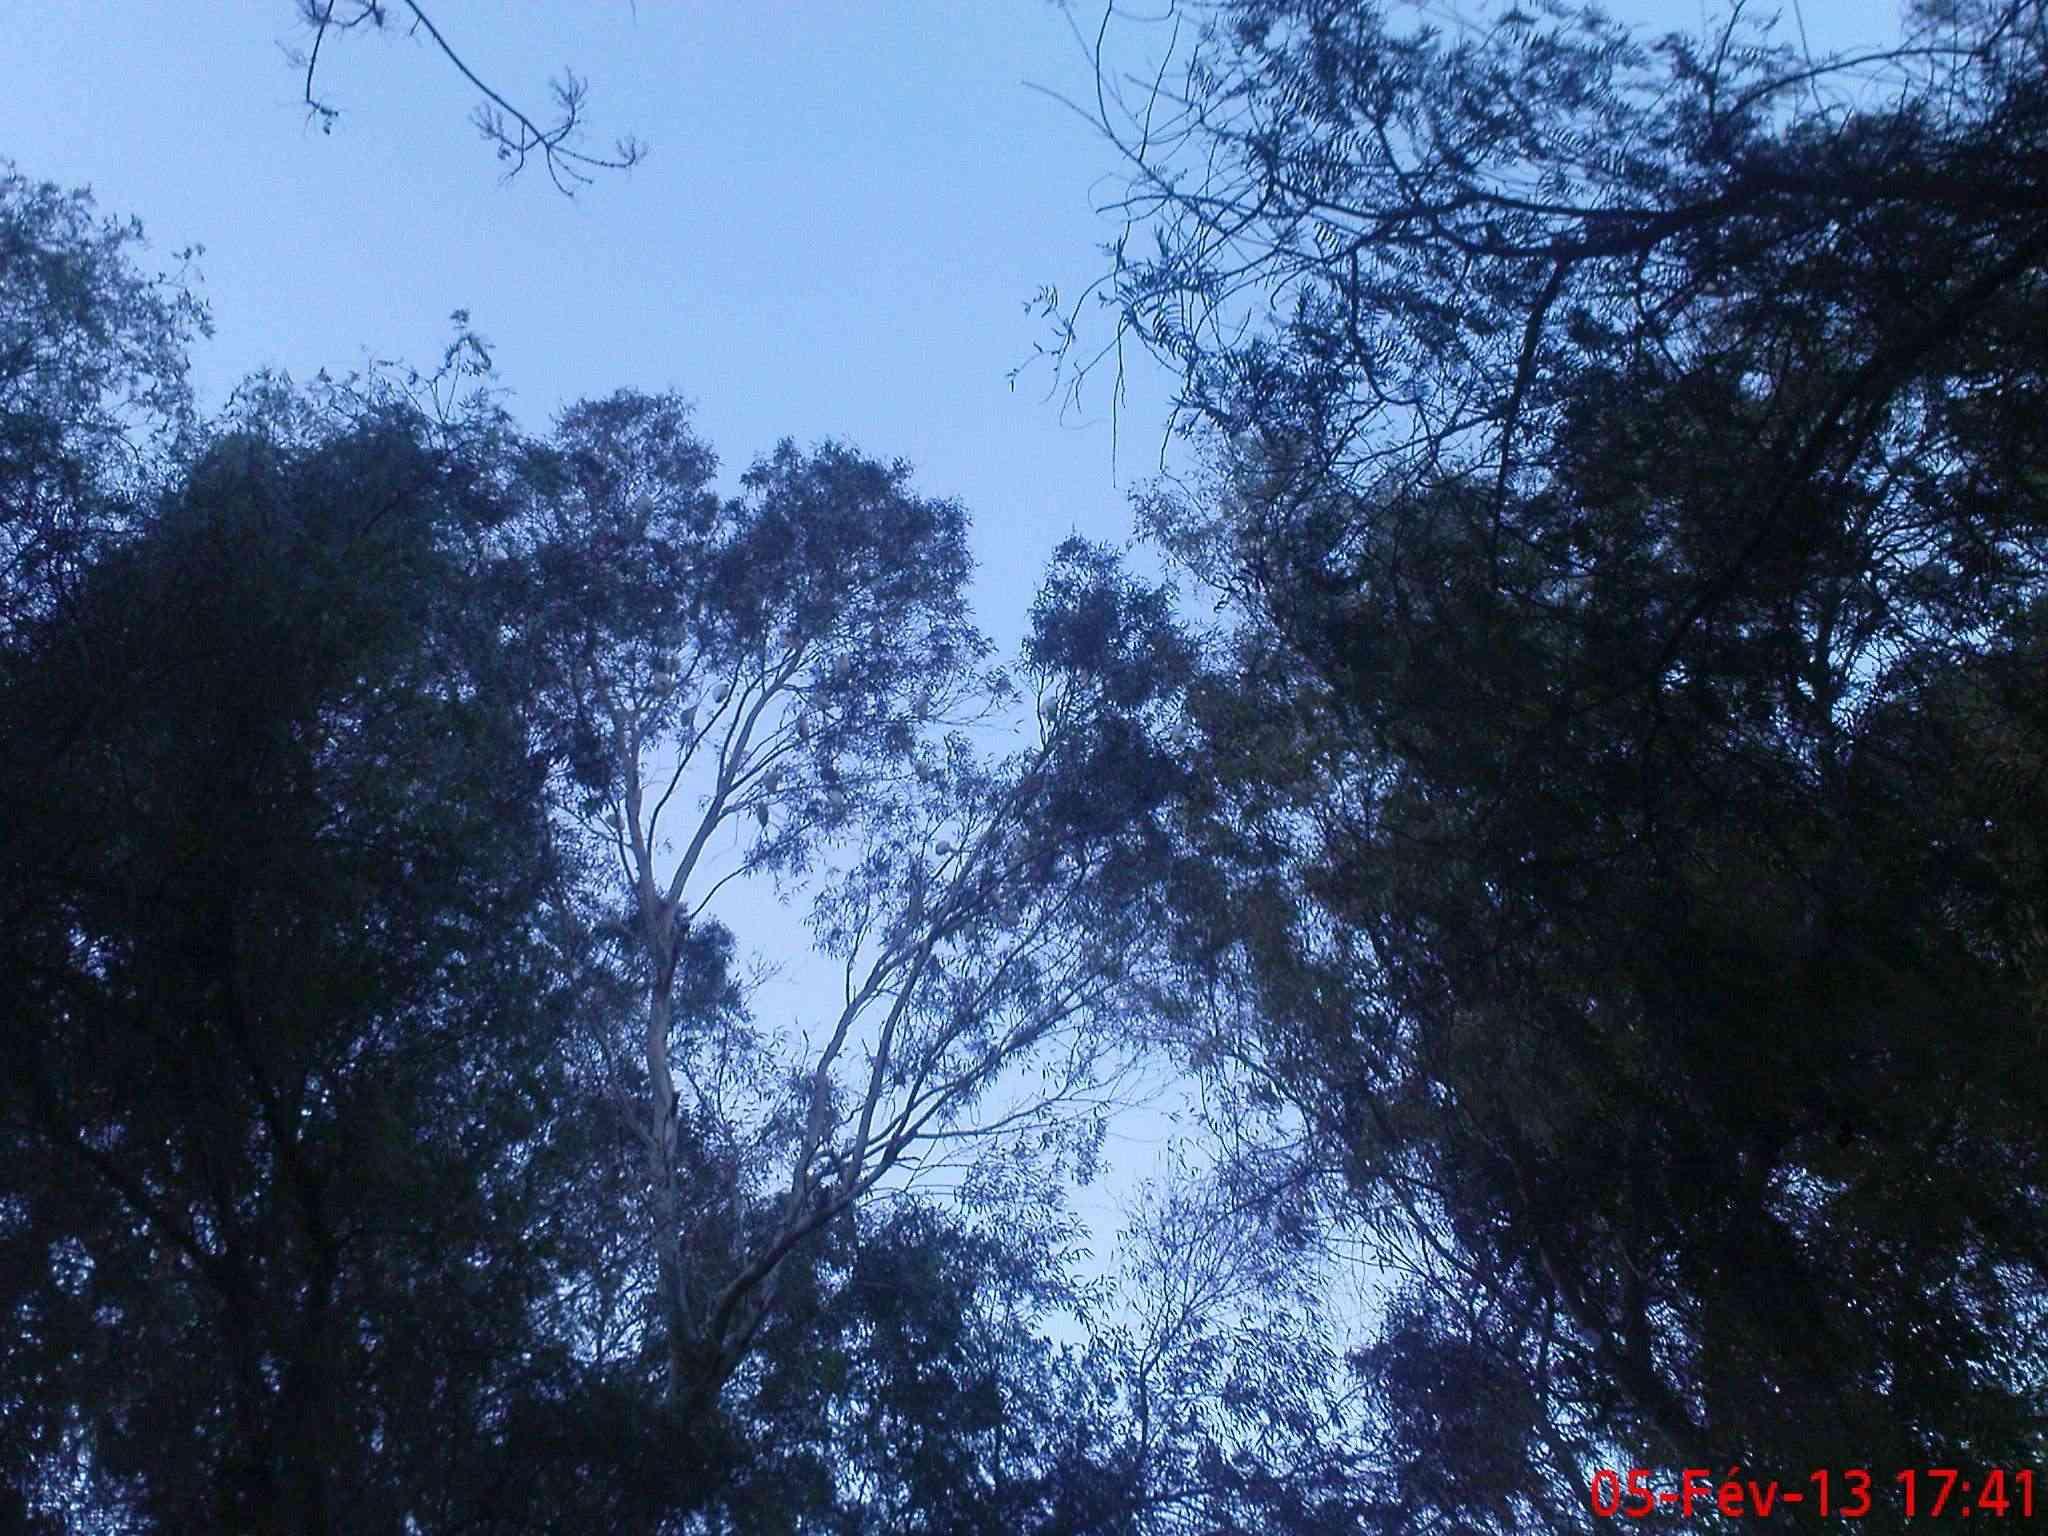 شاهد سحر وجمال الطبيعة في حمام المسخوطين Dsc02136